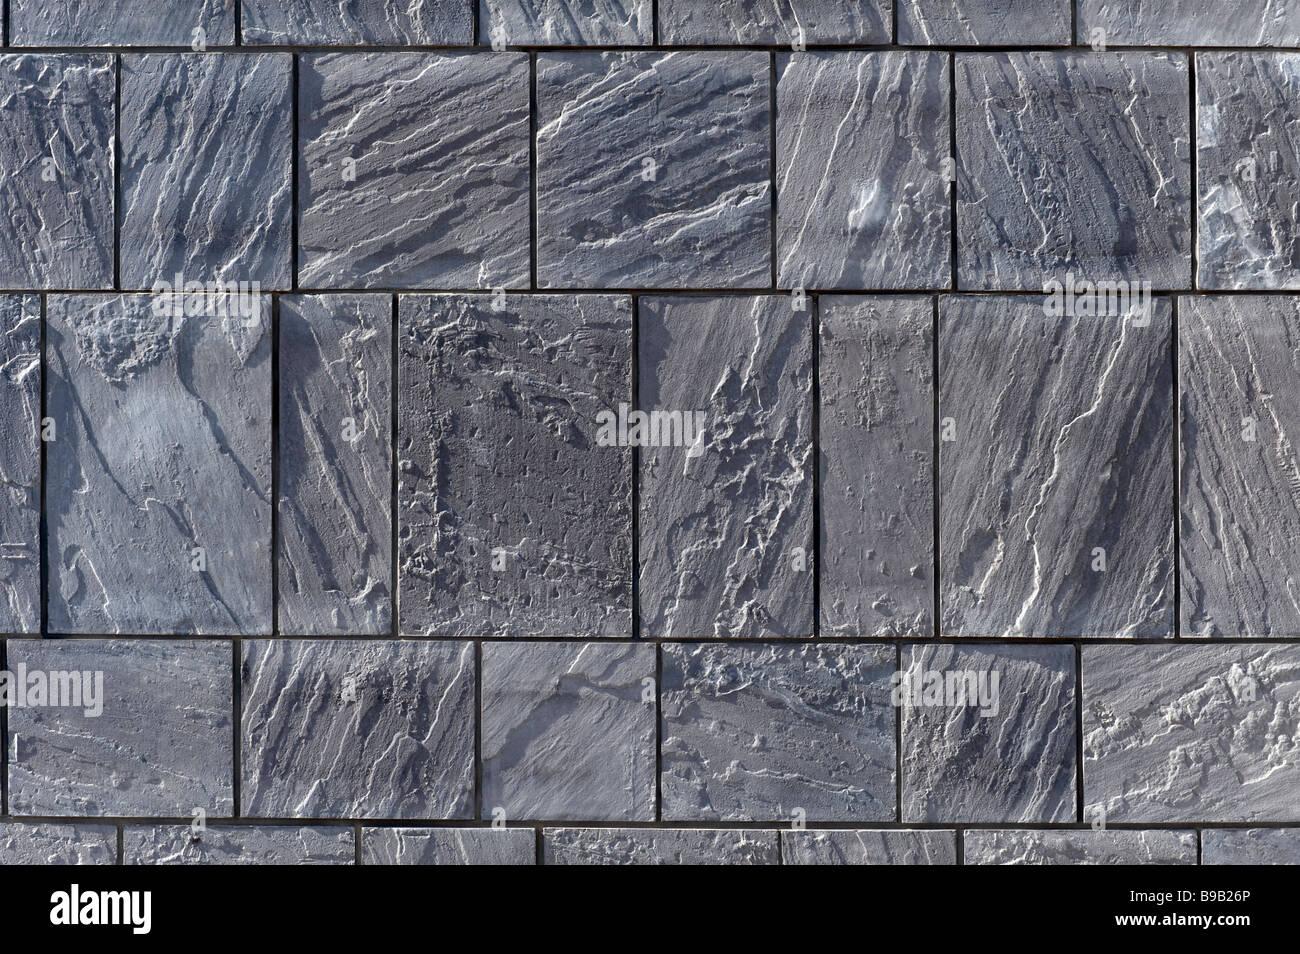 Grigio piastrelle di ardesia foto immagine stock  alamy